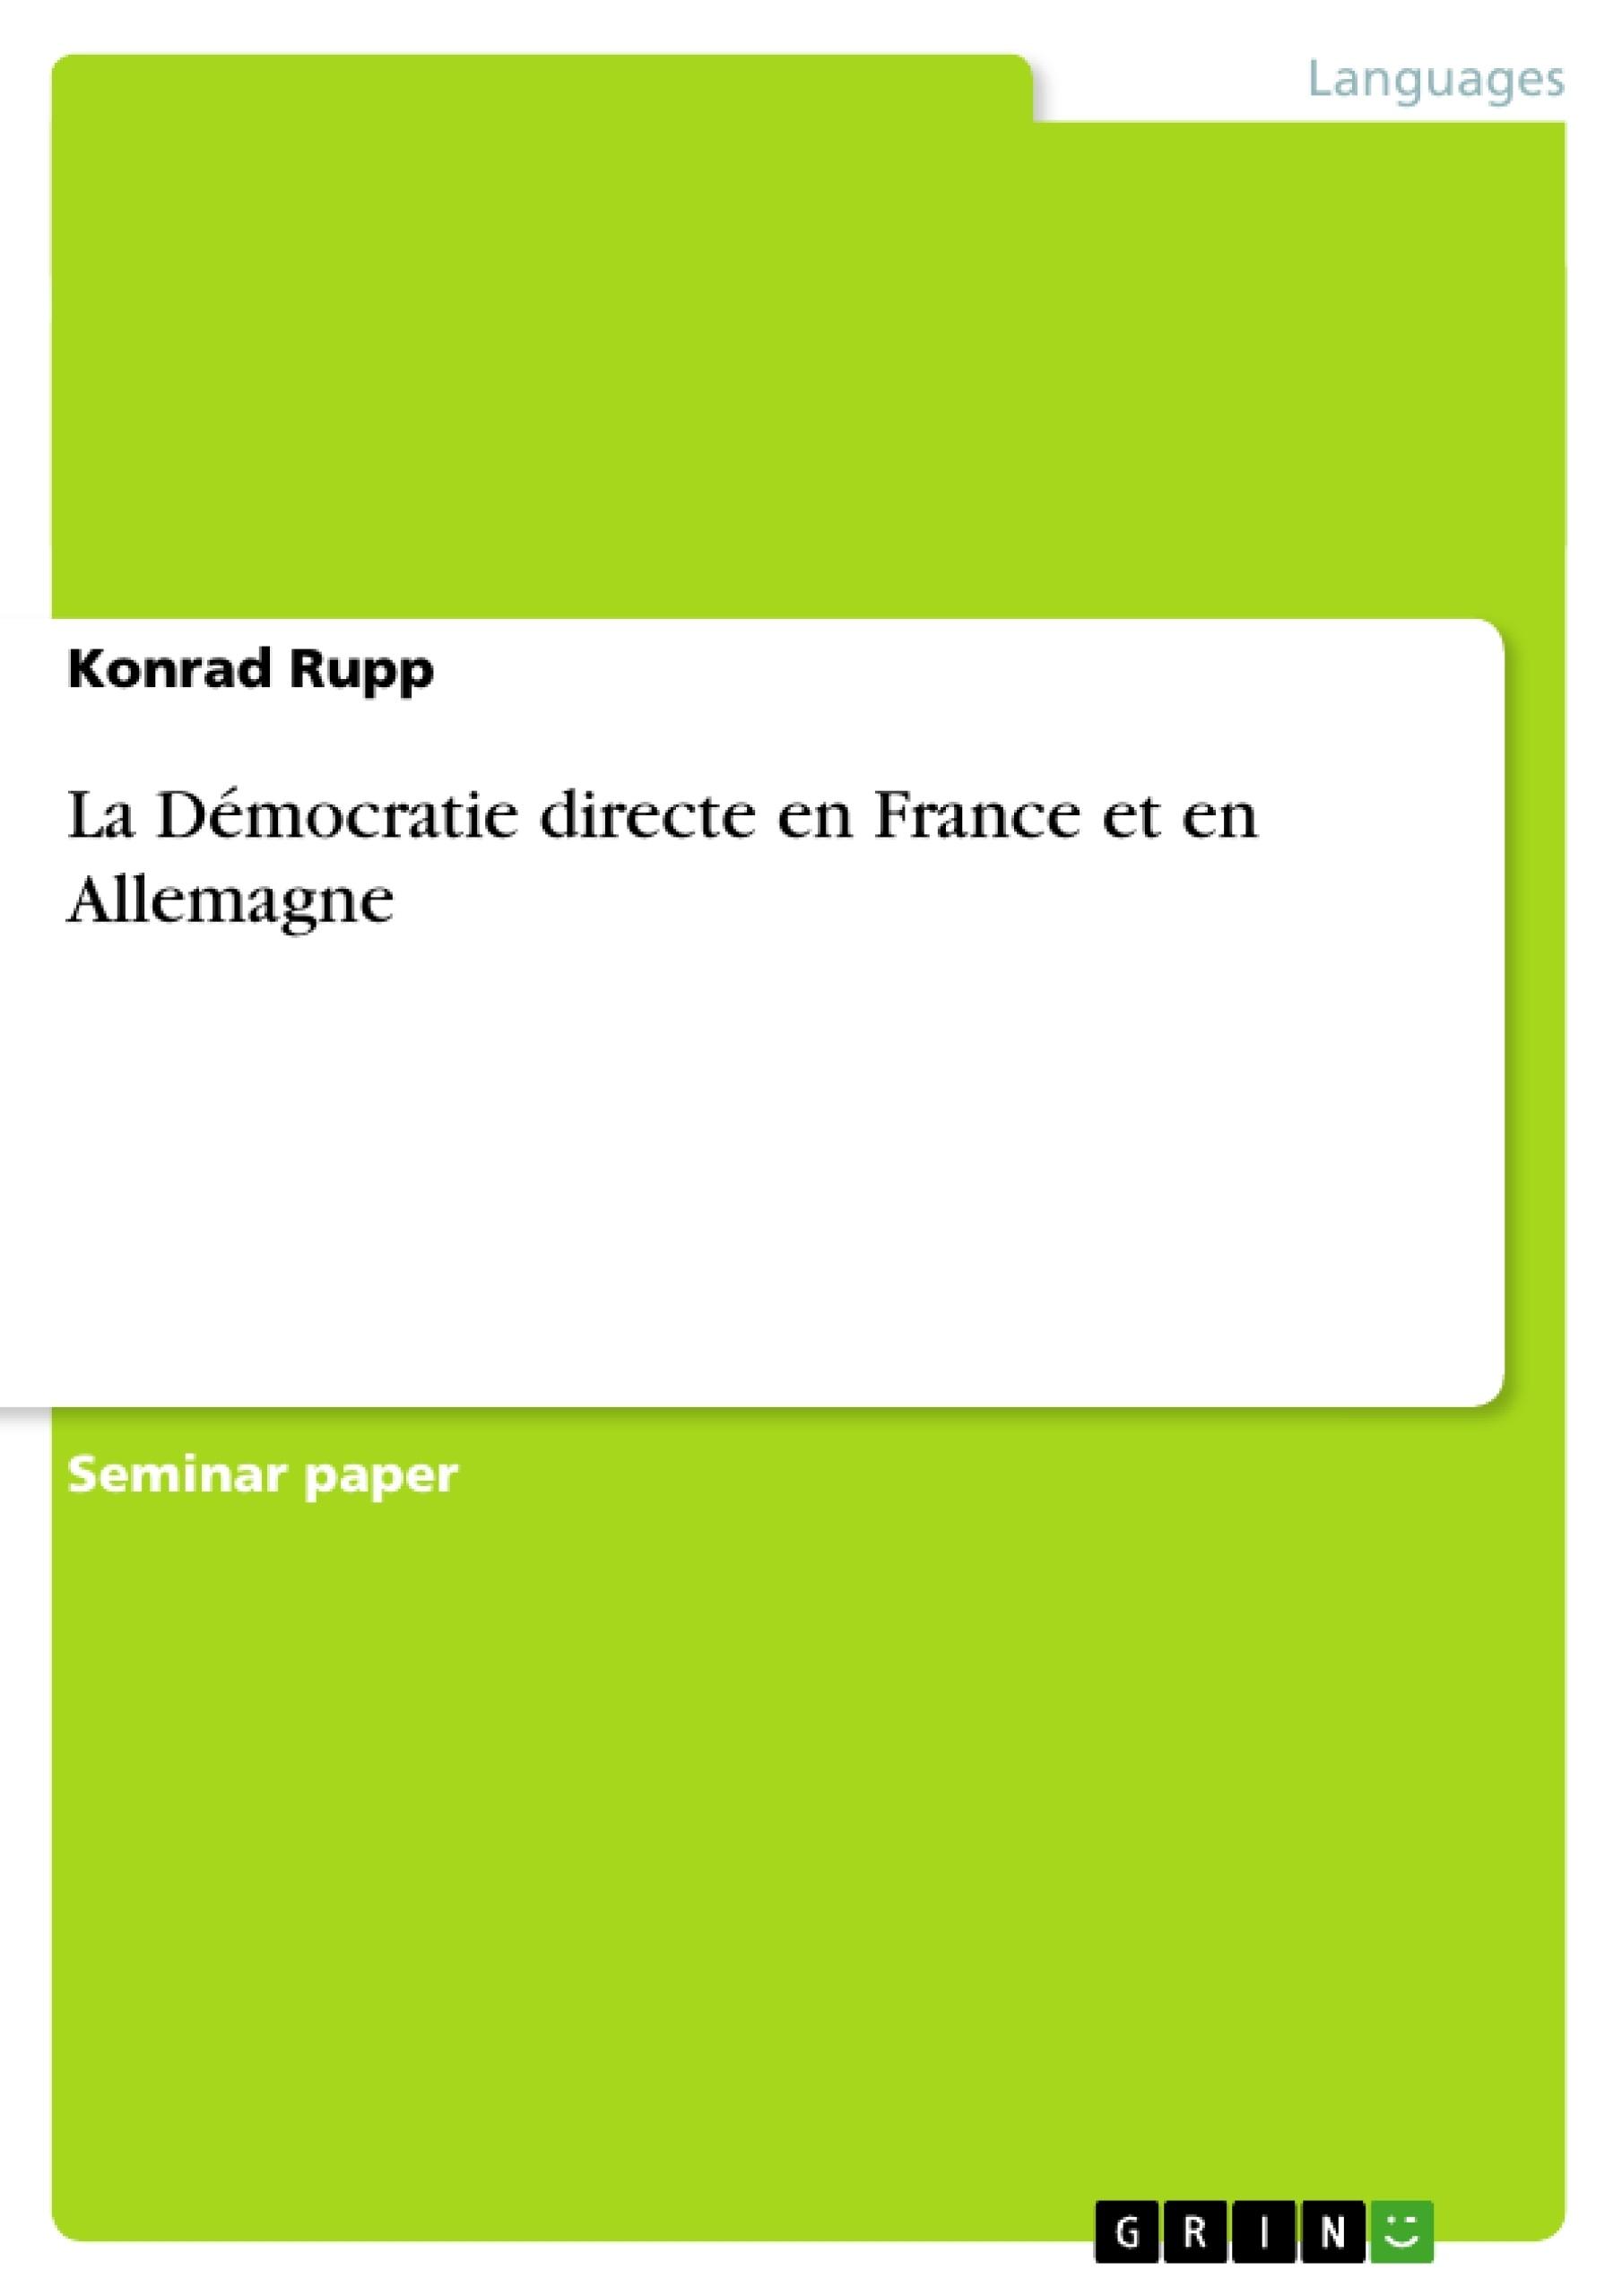 Titre: La Démocratie directe en France et en Allemagne